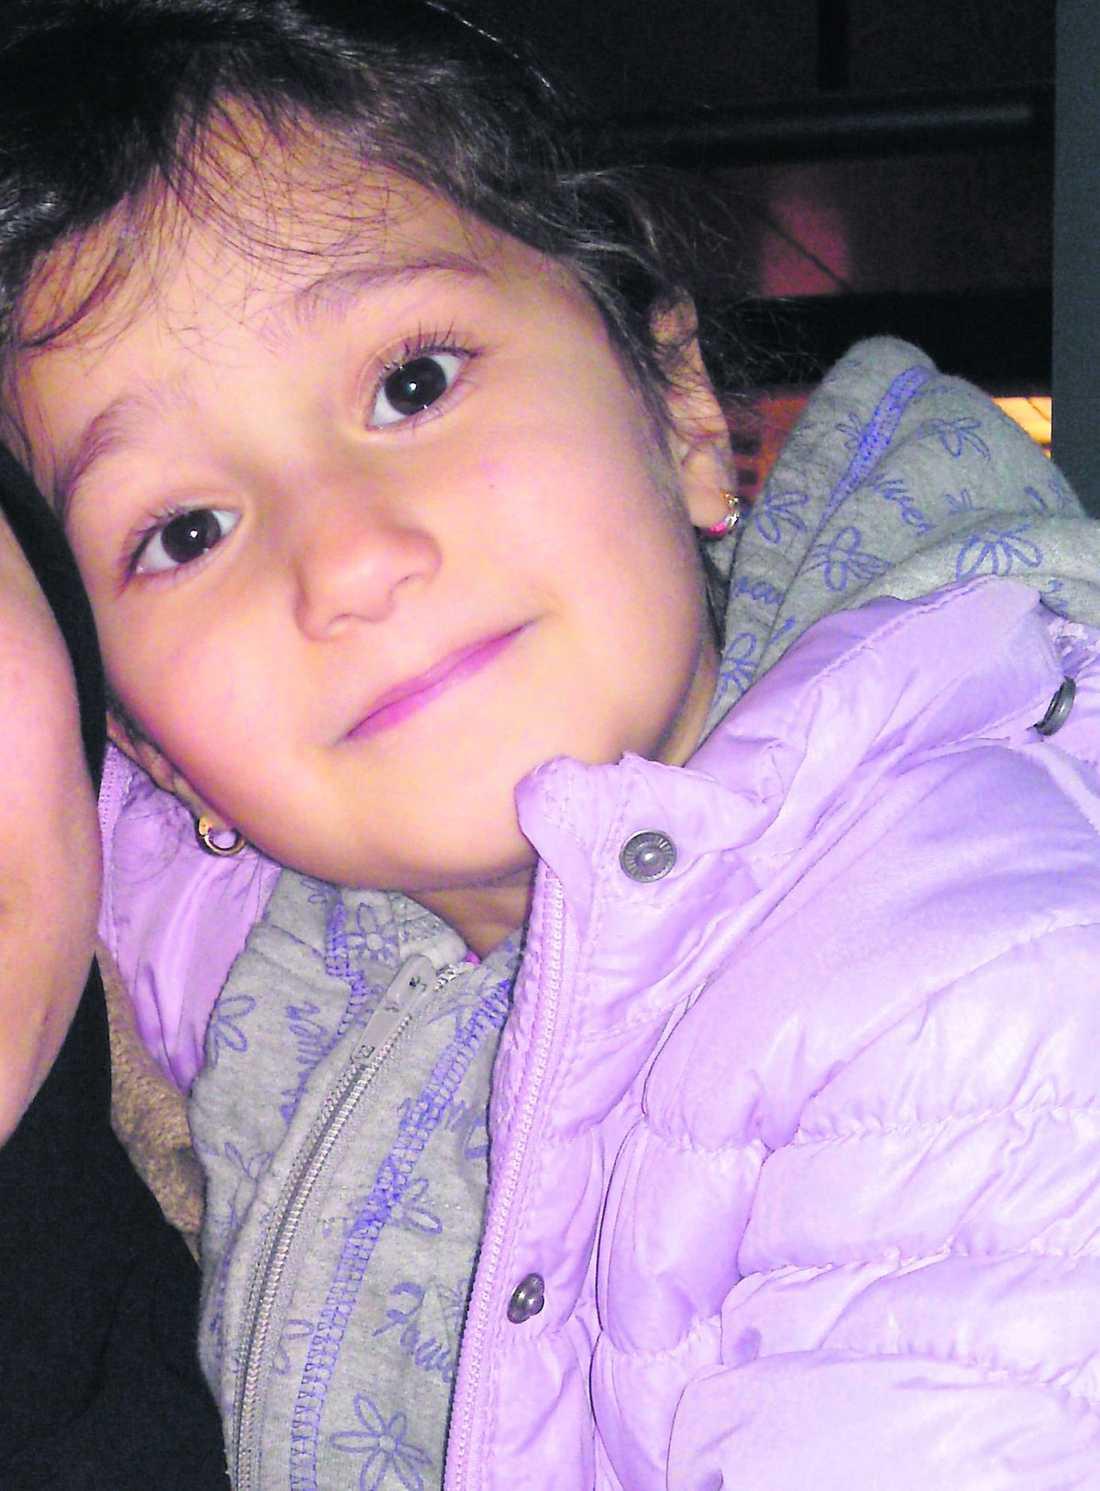 klädd i rosa Fyraåriga Maryam var på Gustav Adolfs torg i Malmö för att titta på fyrverkerier med släktingar. Strax efter tolvslaget var hon försvunnen. Nu söker polisen vittnen som kan ha sett henne. Flickan var klädd i rosa.